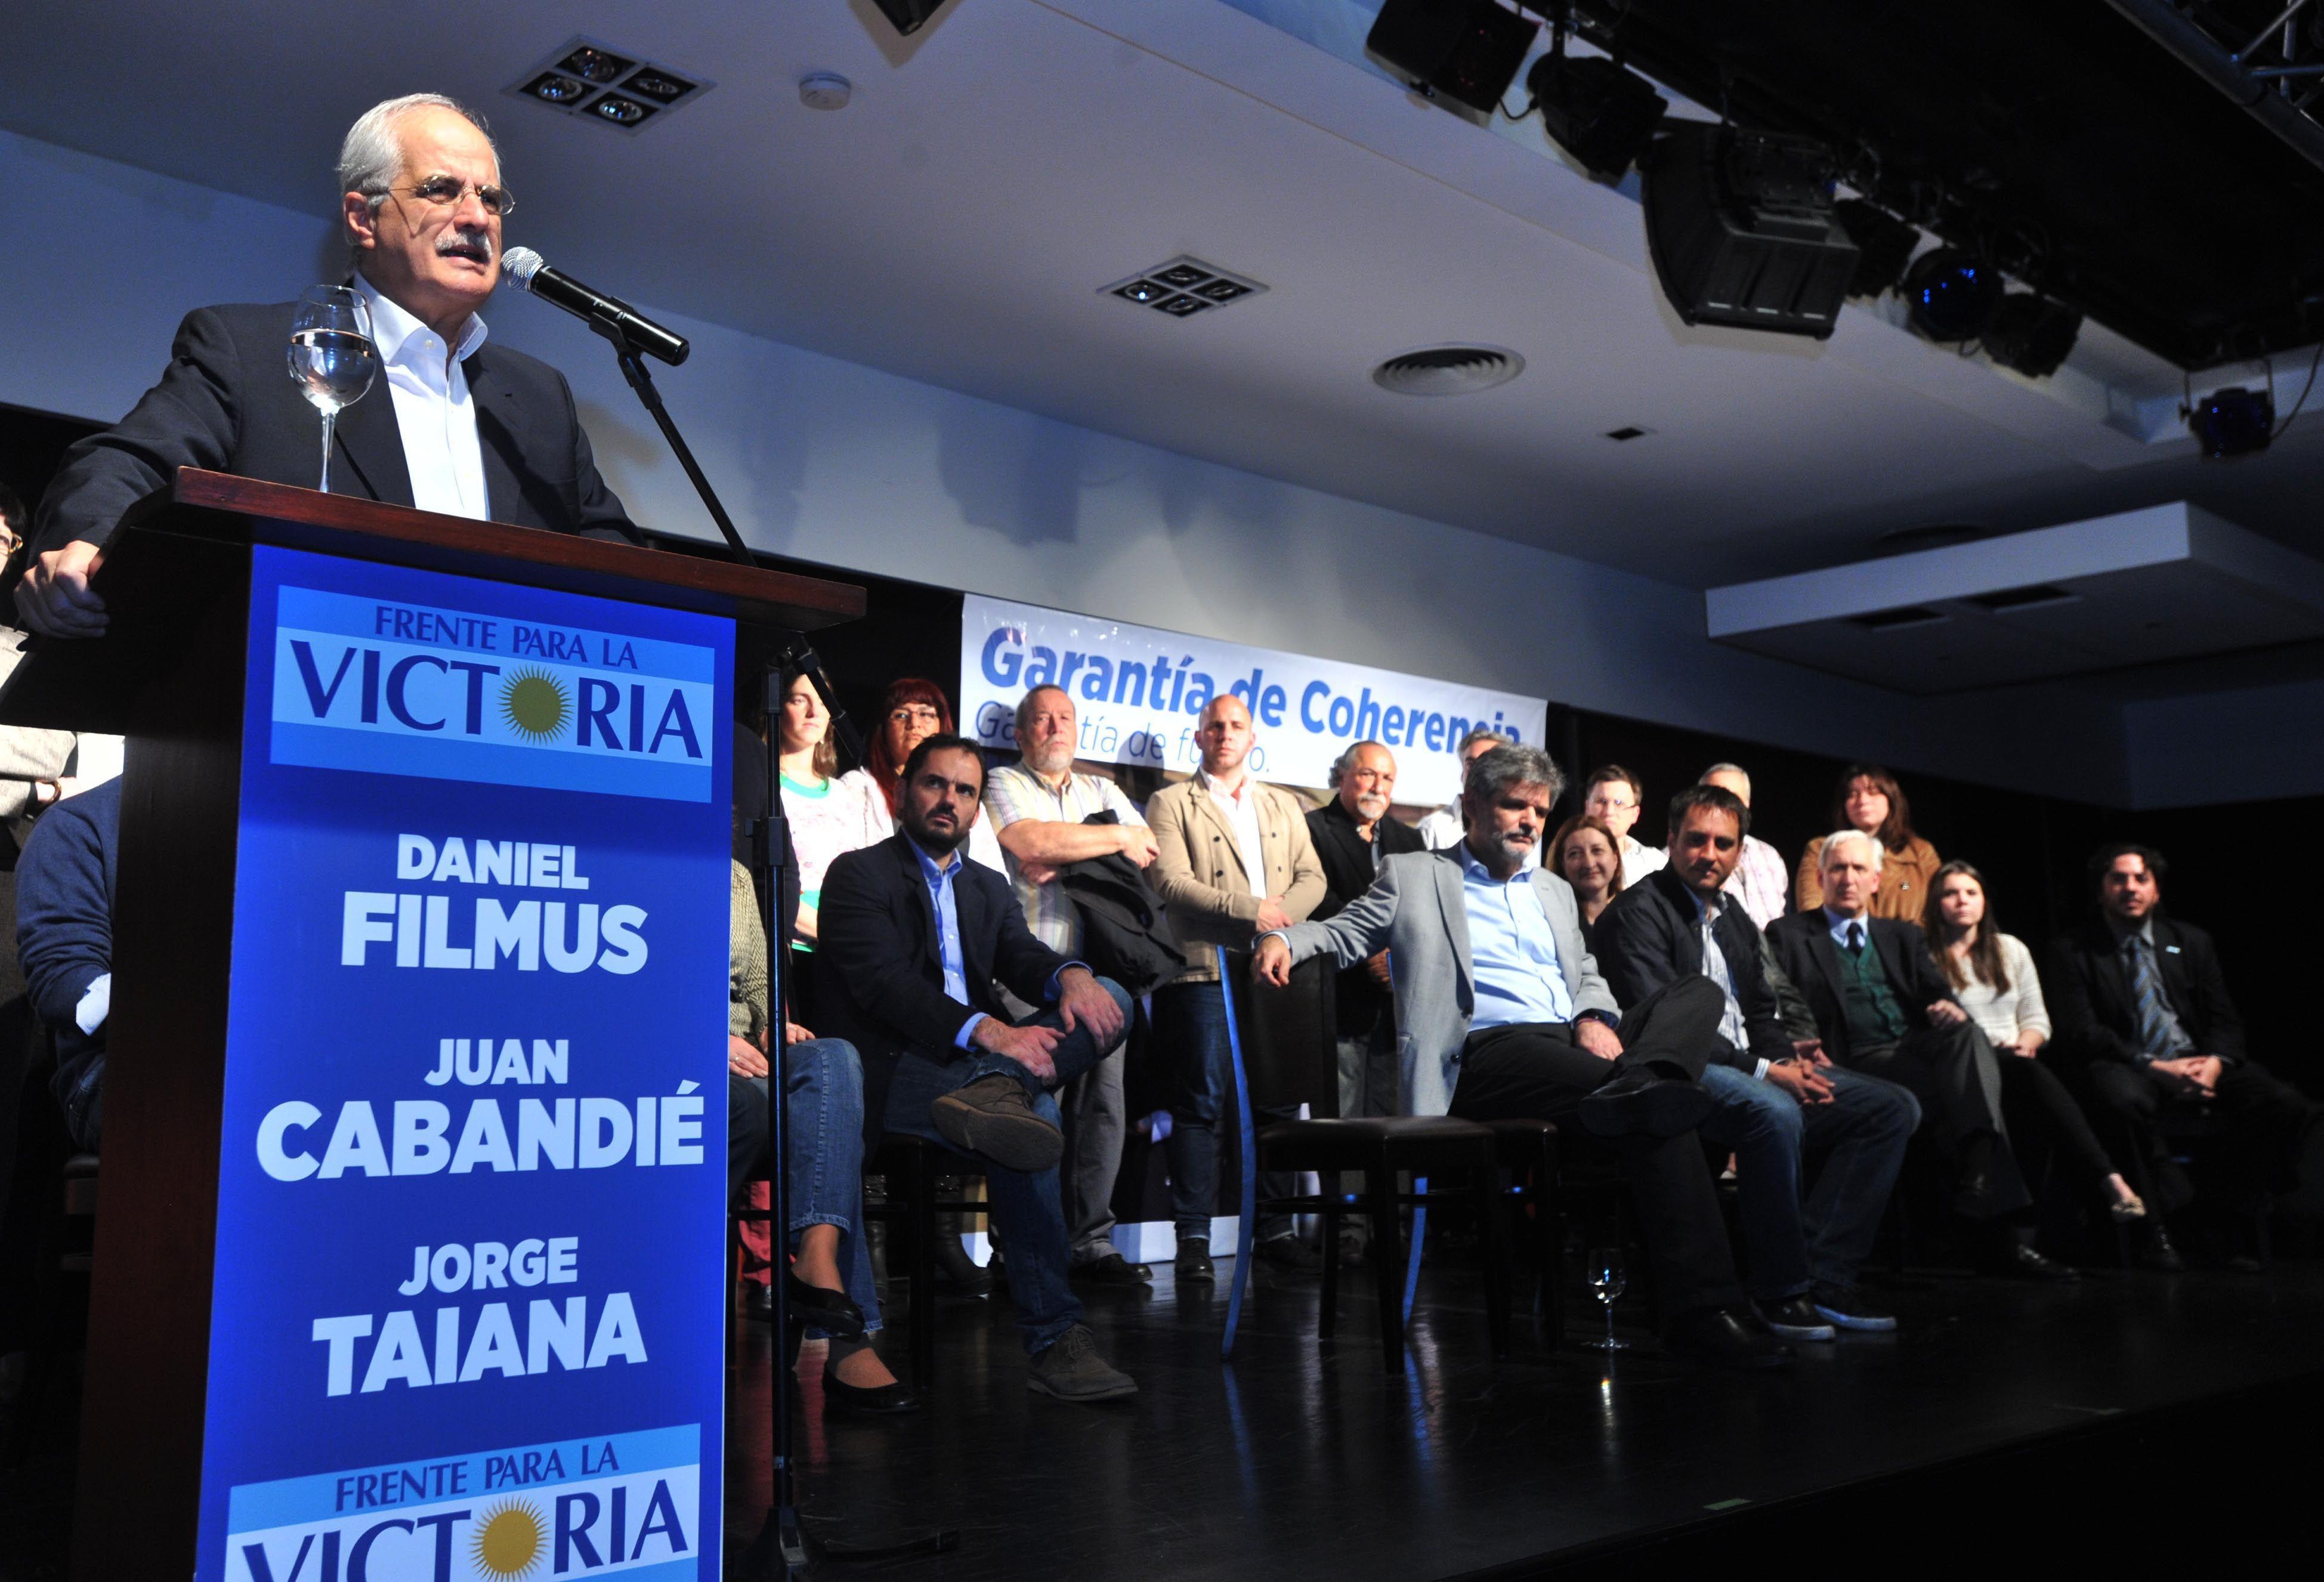 El Frente para la Victoria presentó la lista de legisladores porteños